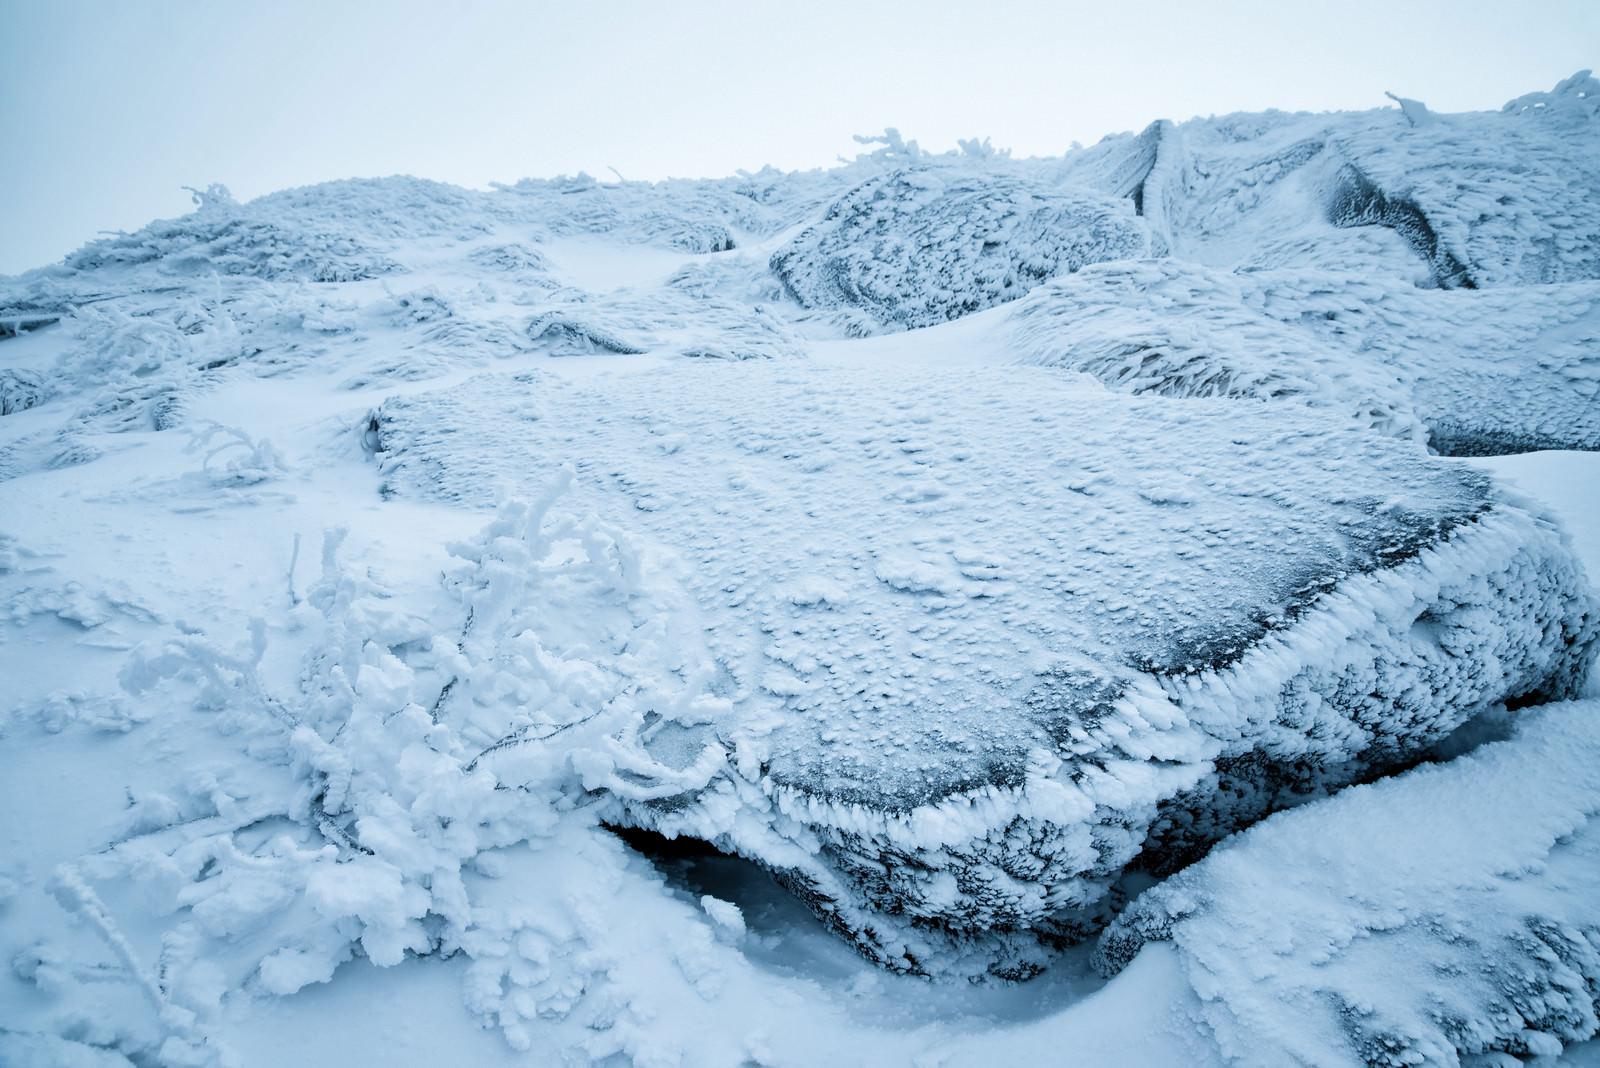 「小さな樹氷と凍りついた岩肌」の写真